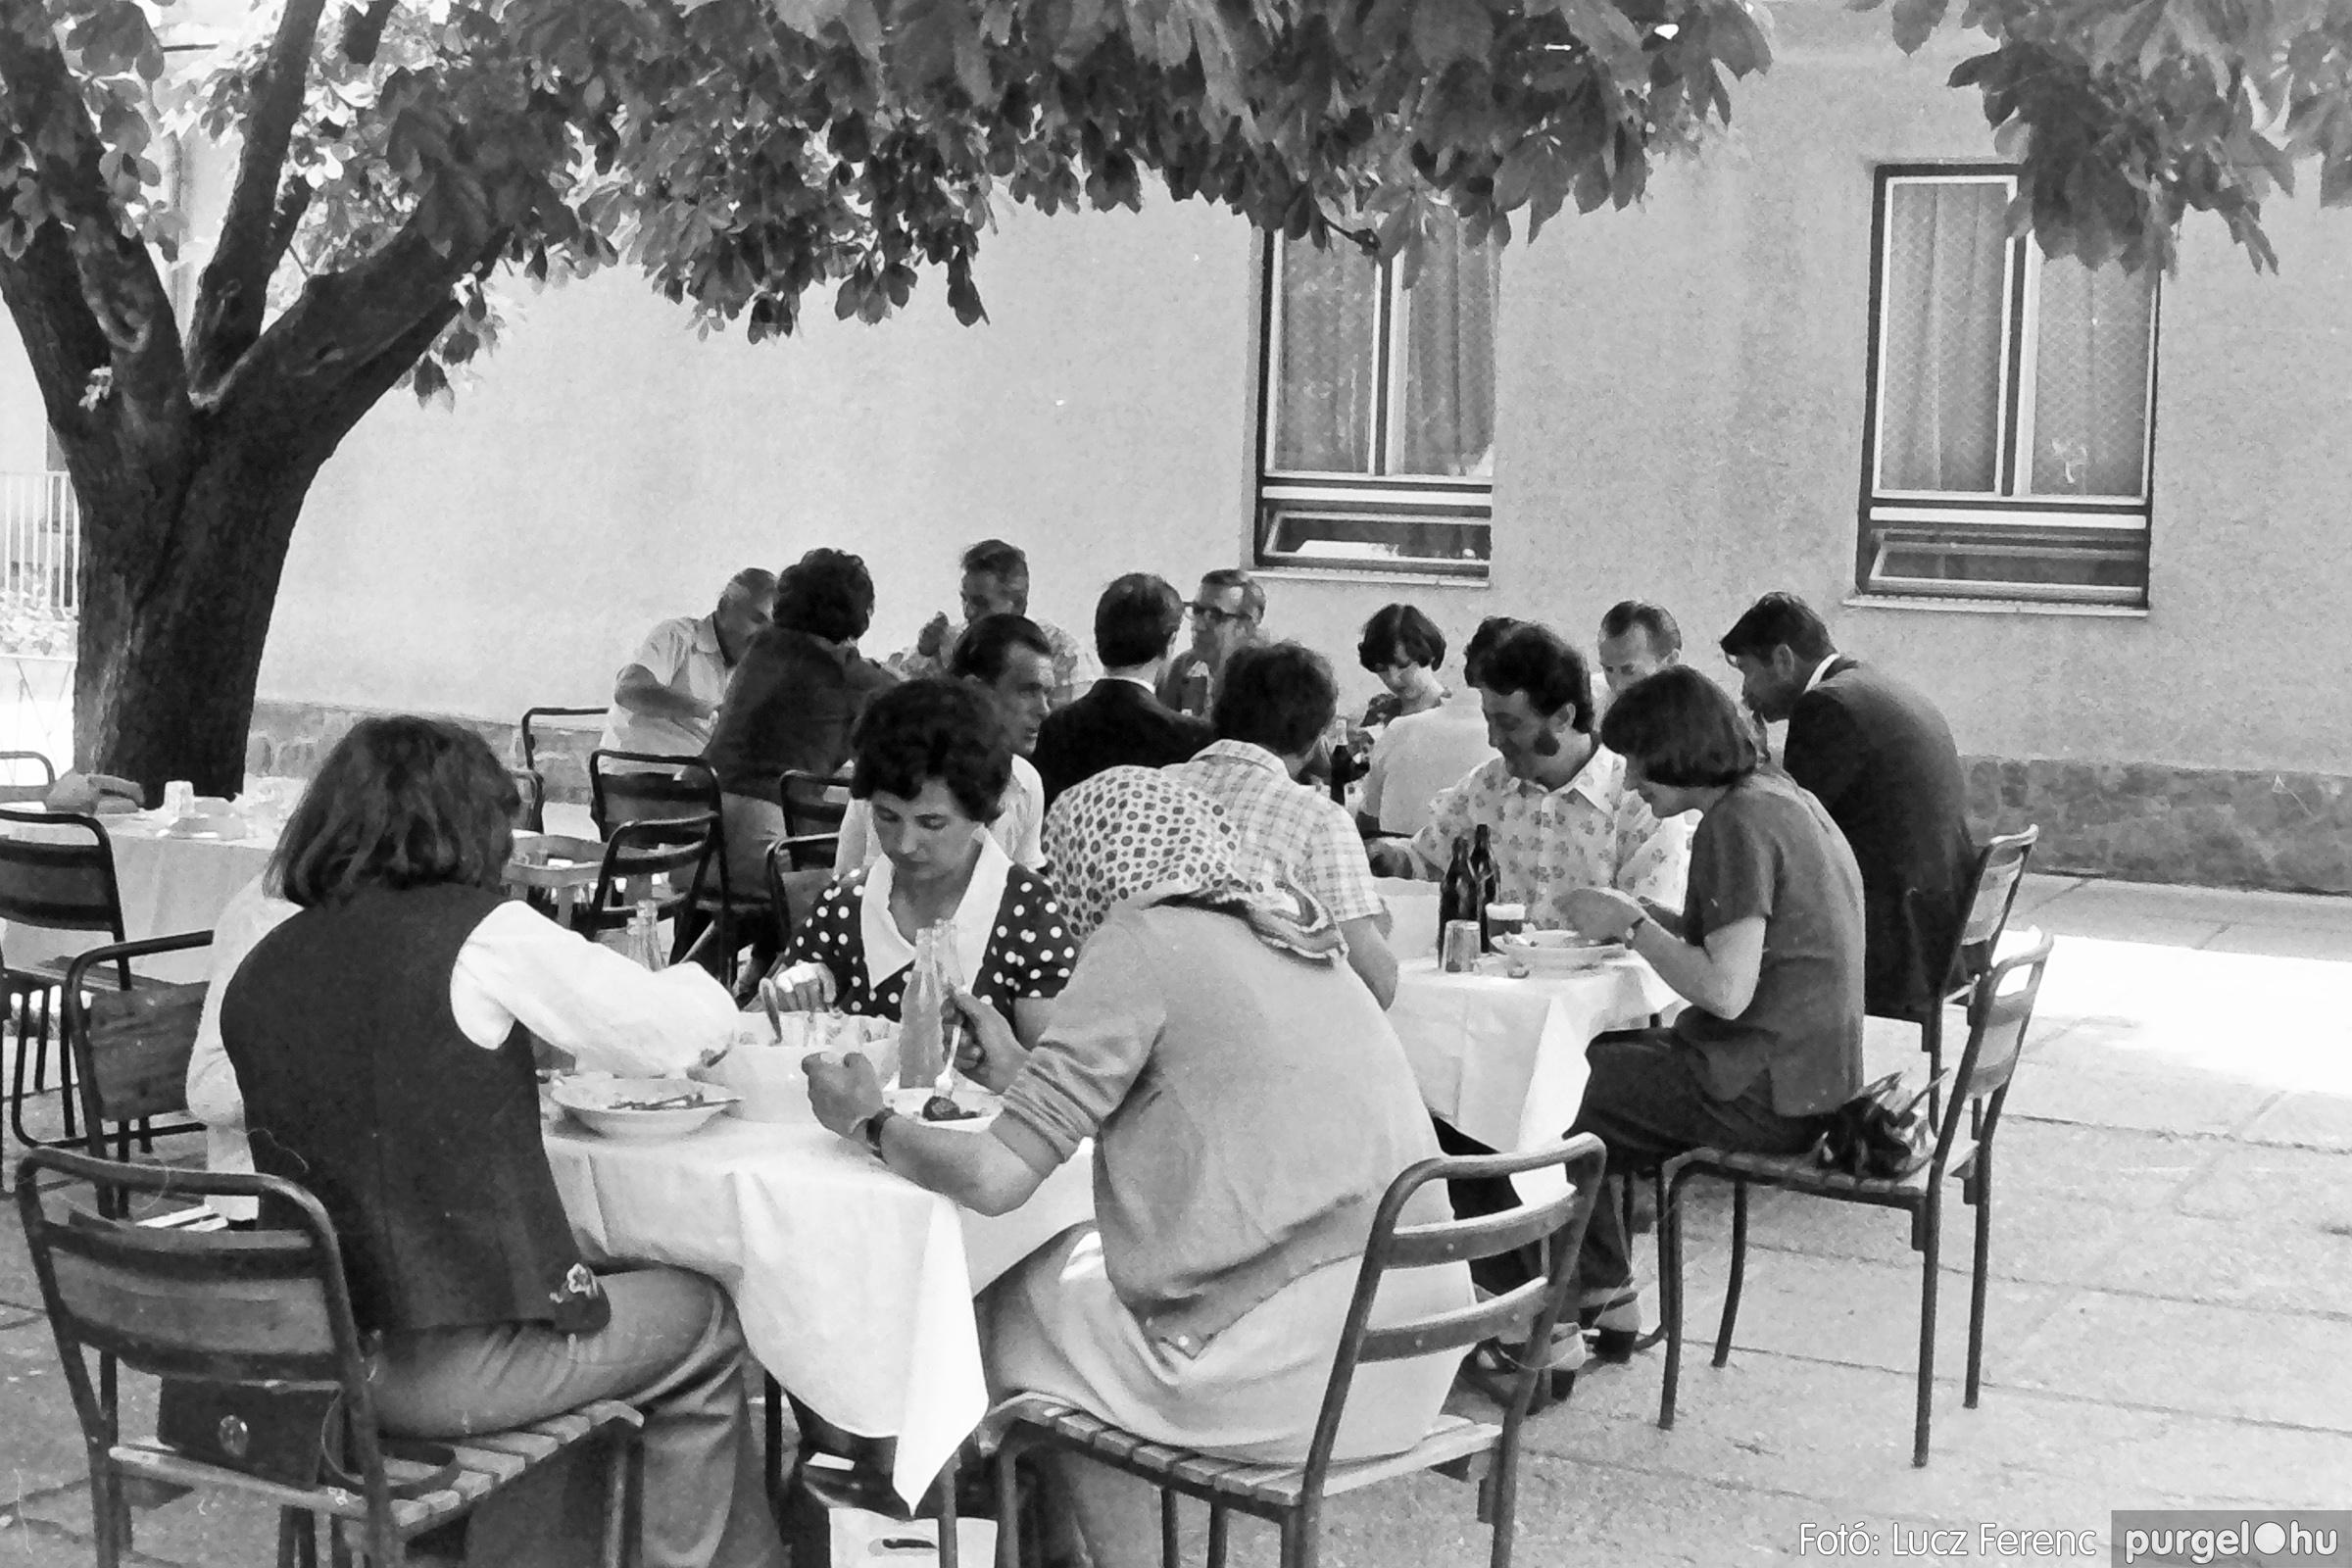 081. 1977. Kendergyári dolgozók vetélkedője 020. - Fotó: Lucz Ferenc.jpg